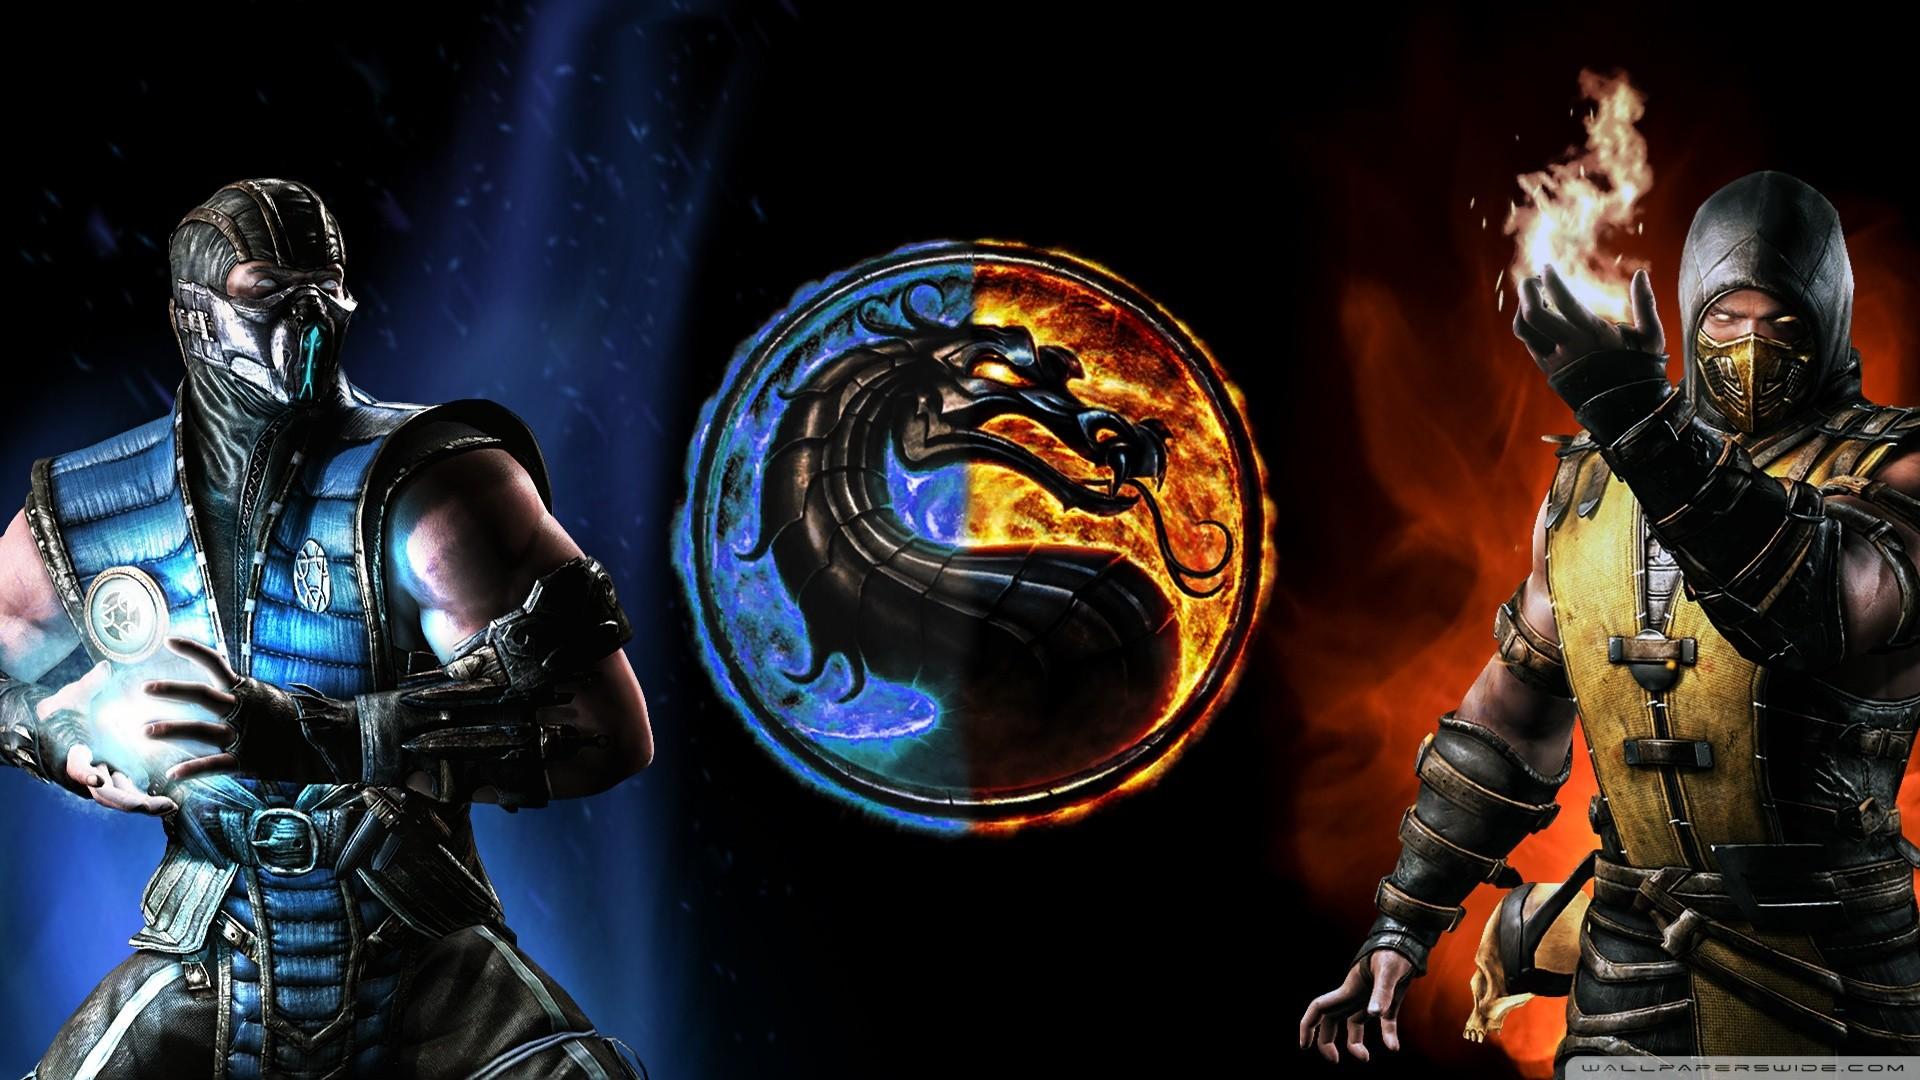 Res: 1920x1080, Mortal Kombat X : SubZero vs Scorpion HD desktop wallpaper : High